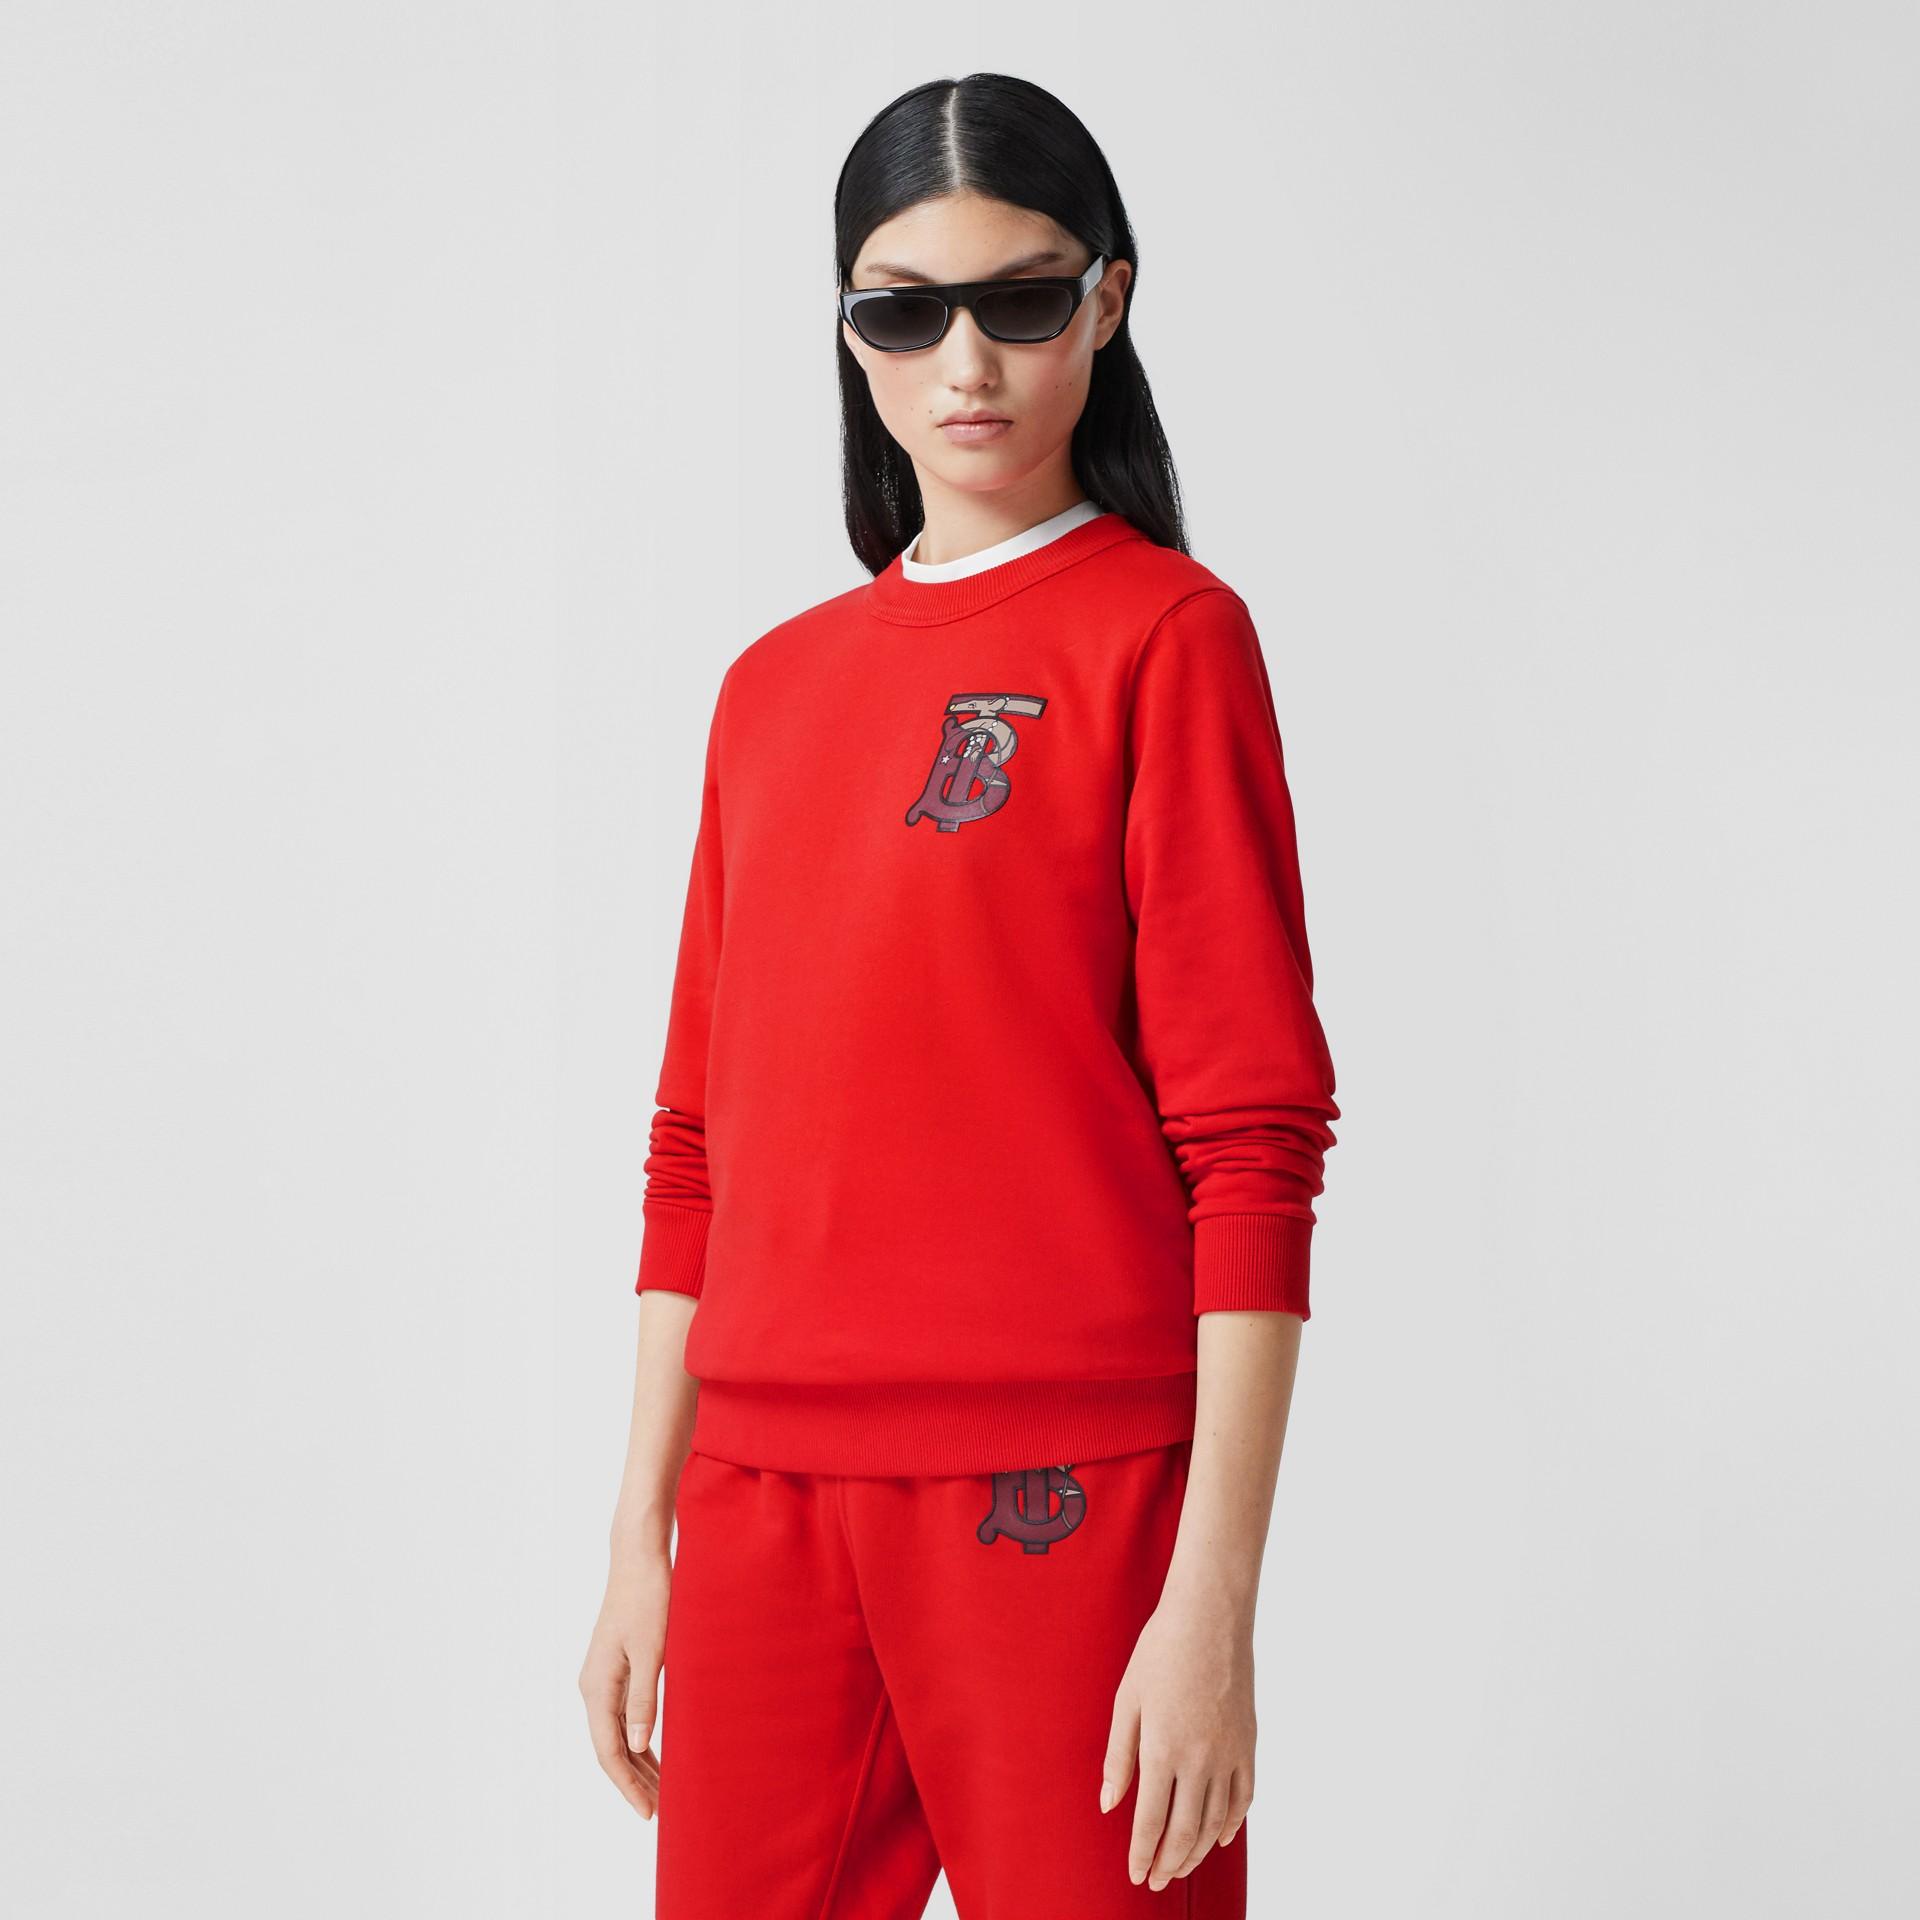 花押字圖案棉質寬版運動衫 (亮紅色) - 女款 | Burberry - 圖庫照片 4